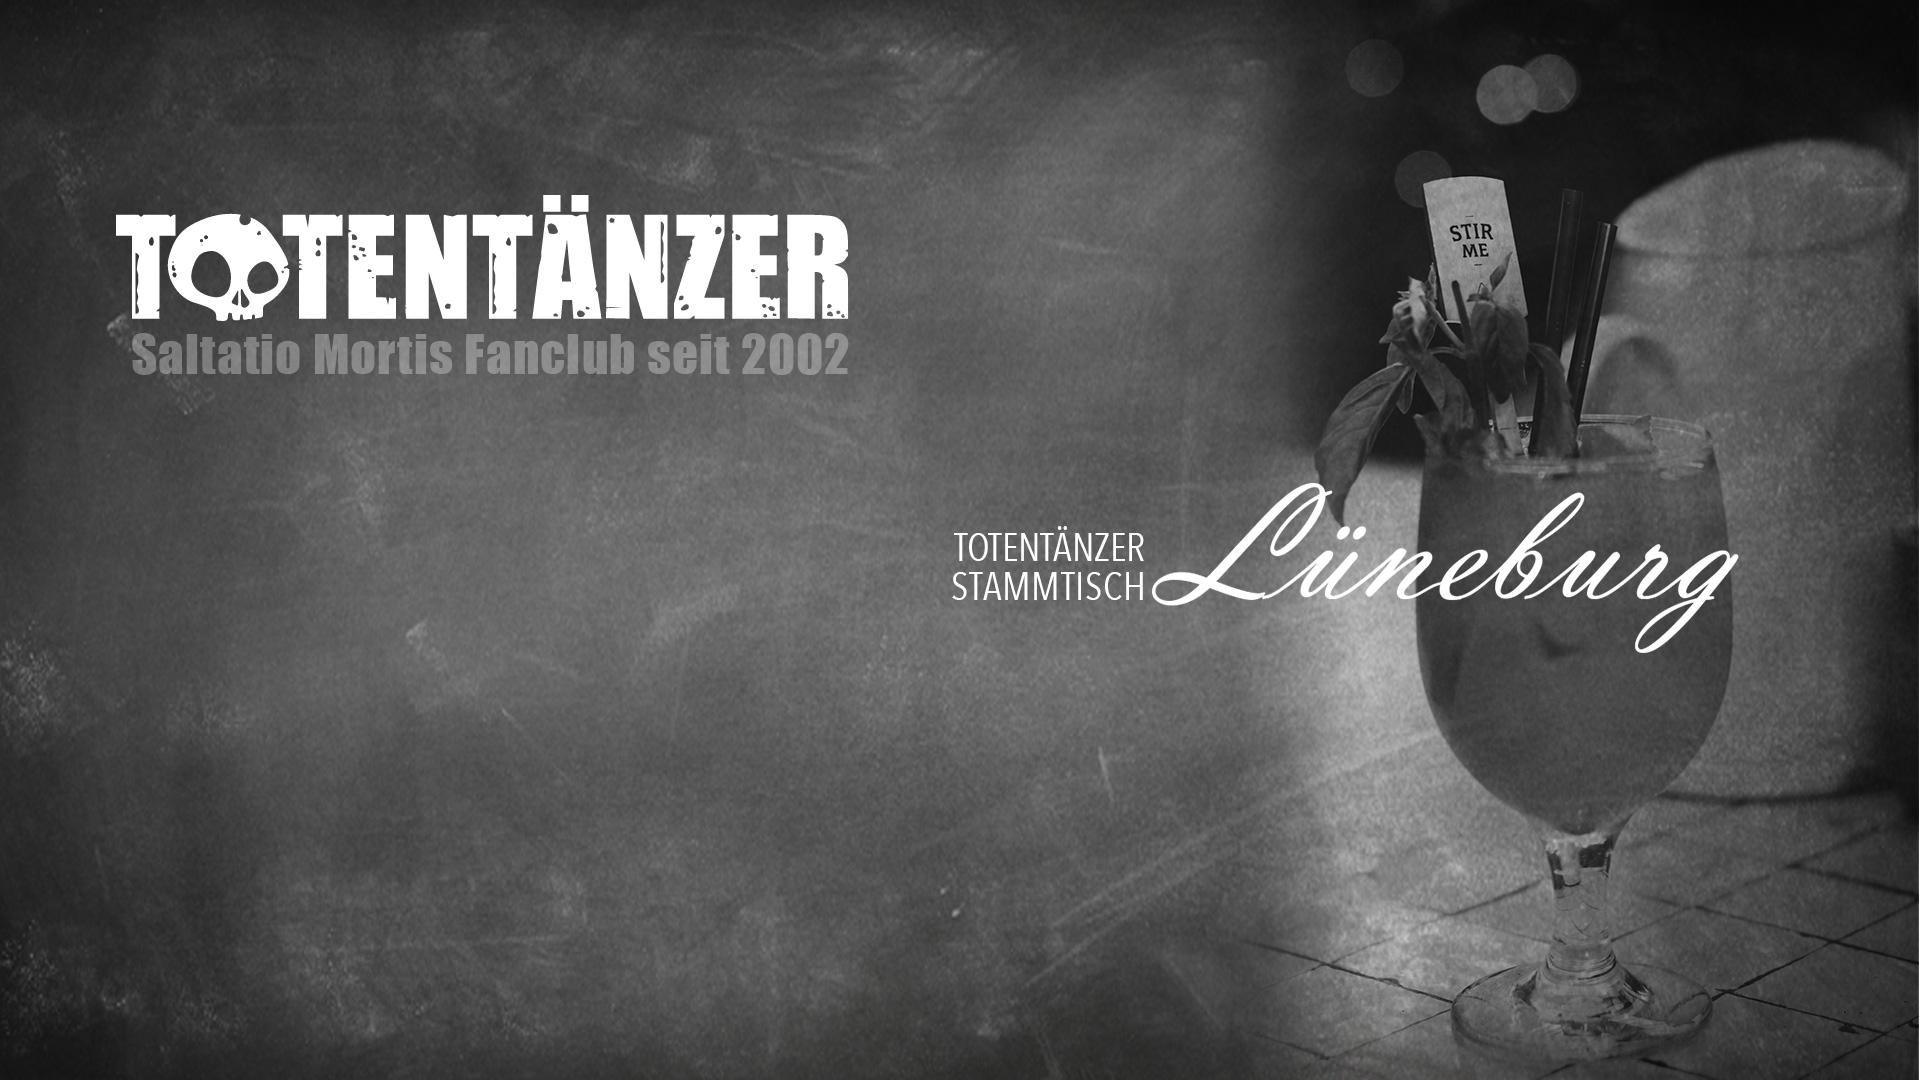 Totentänzer Stammtisch Lüneburg